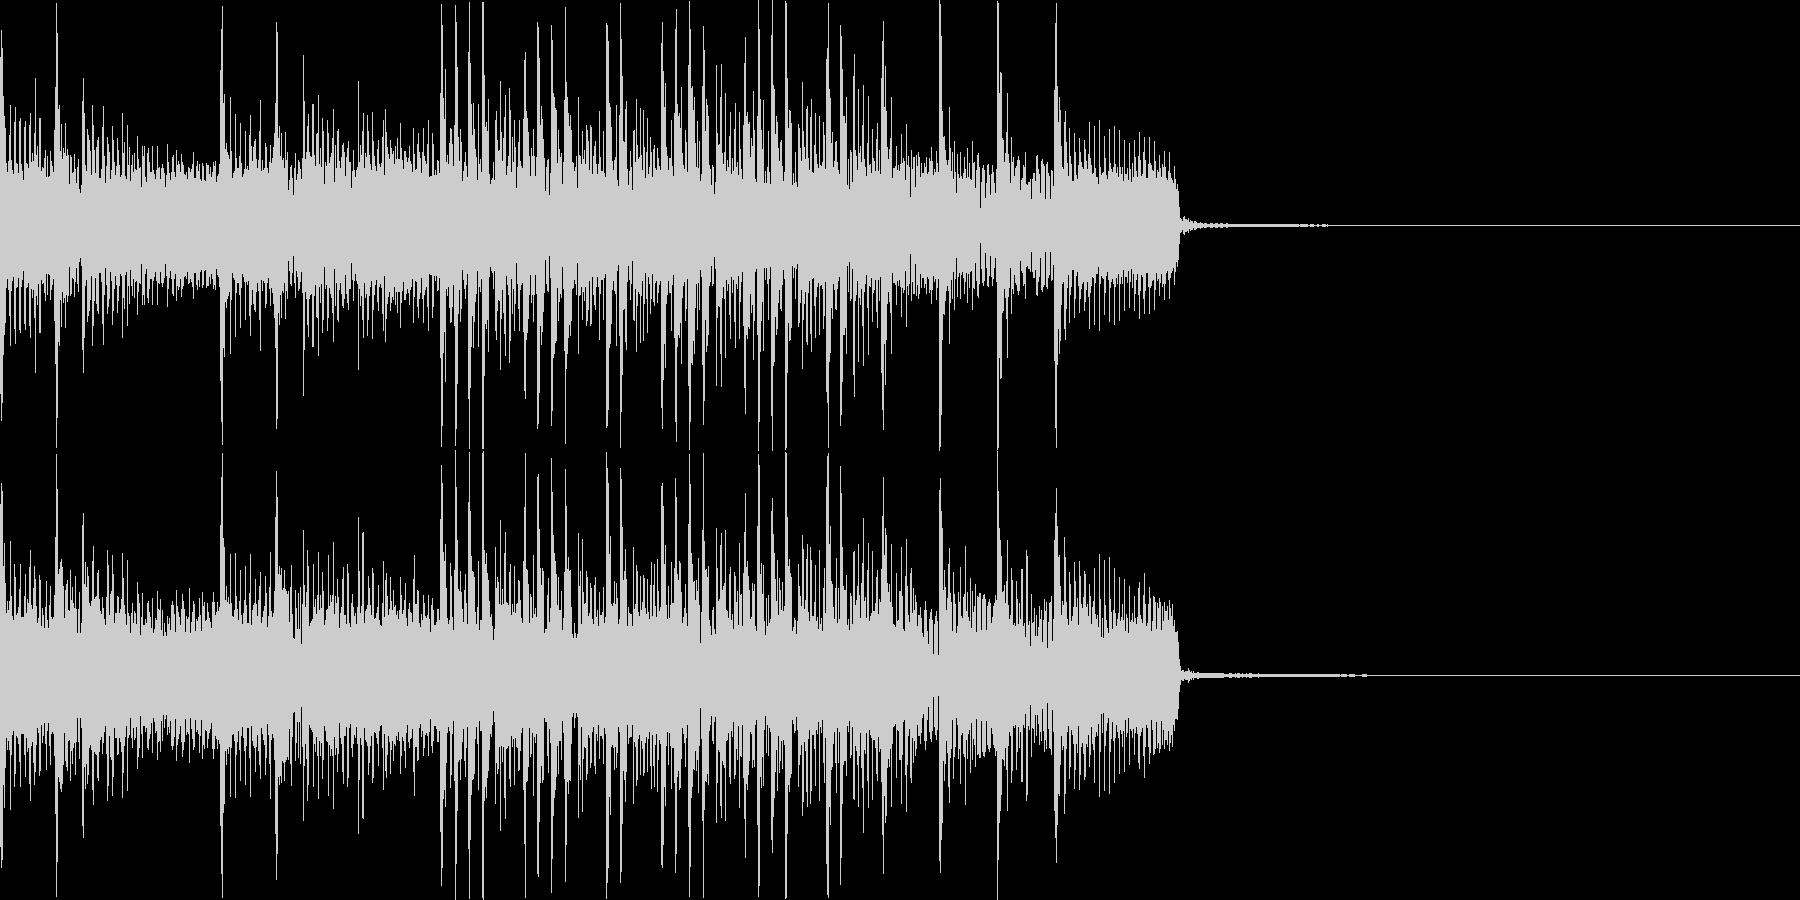 ヘヴィでアグレッシブなジングルその2の未再生の波形